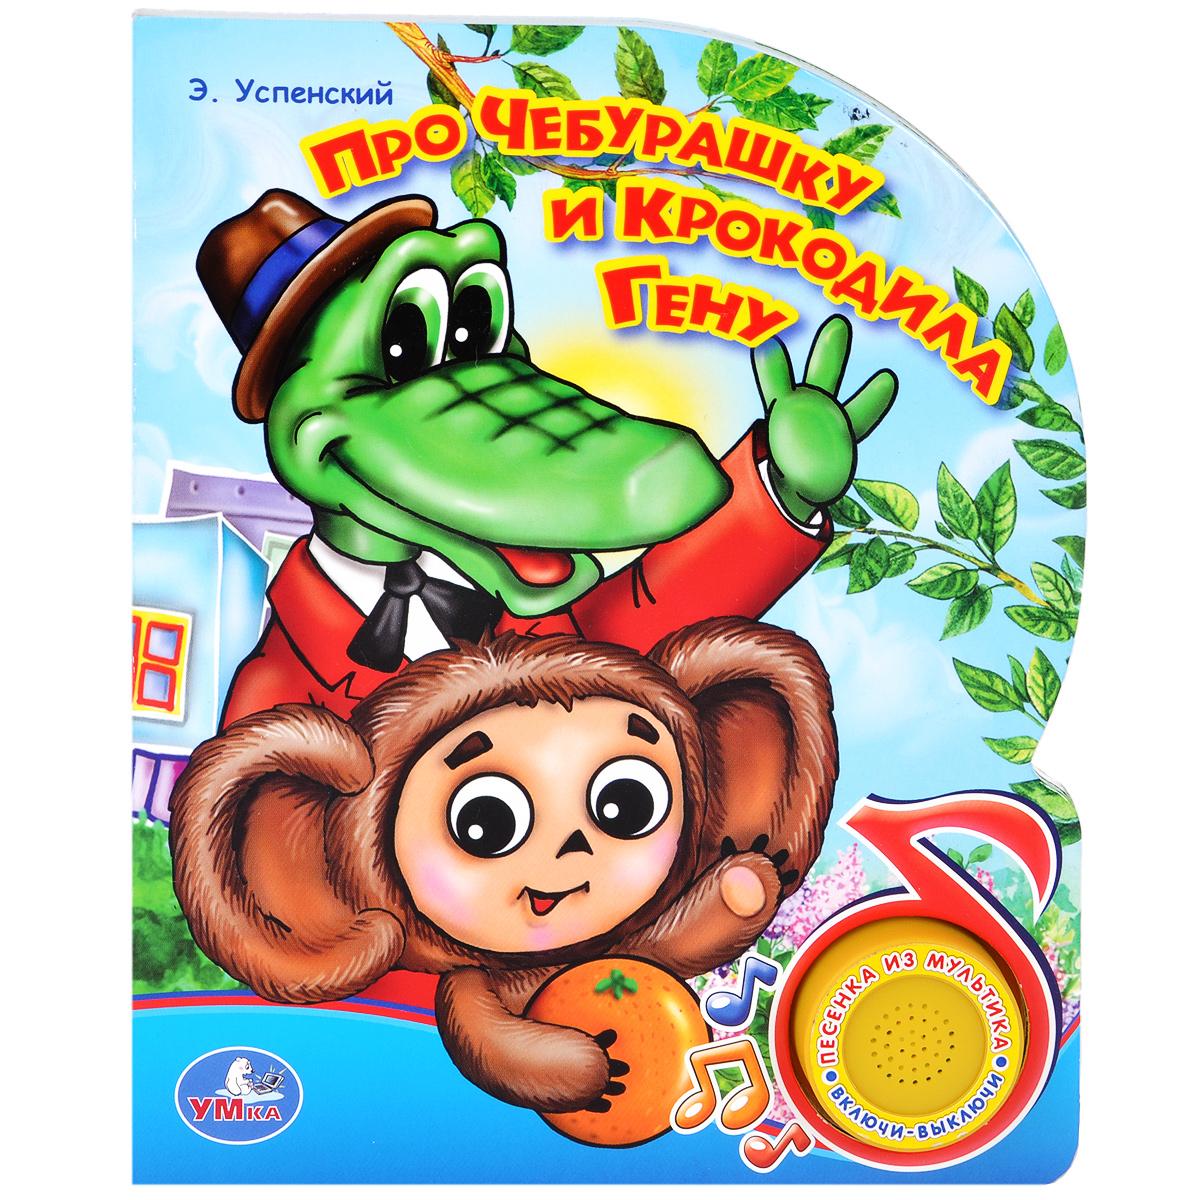 Про Чебурашку и крокодила Гену. Книжка-игрушка